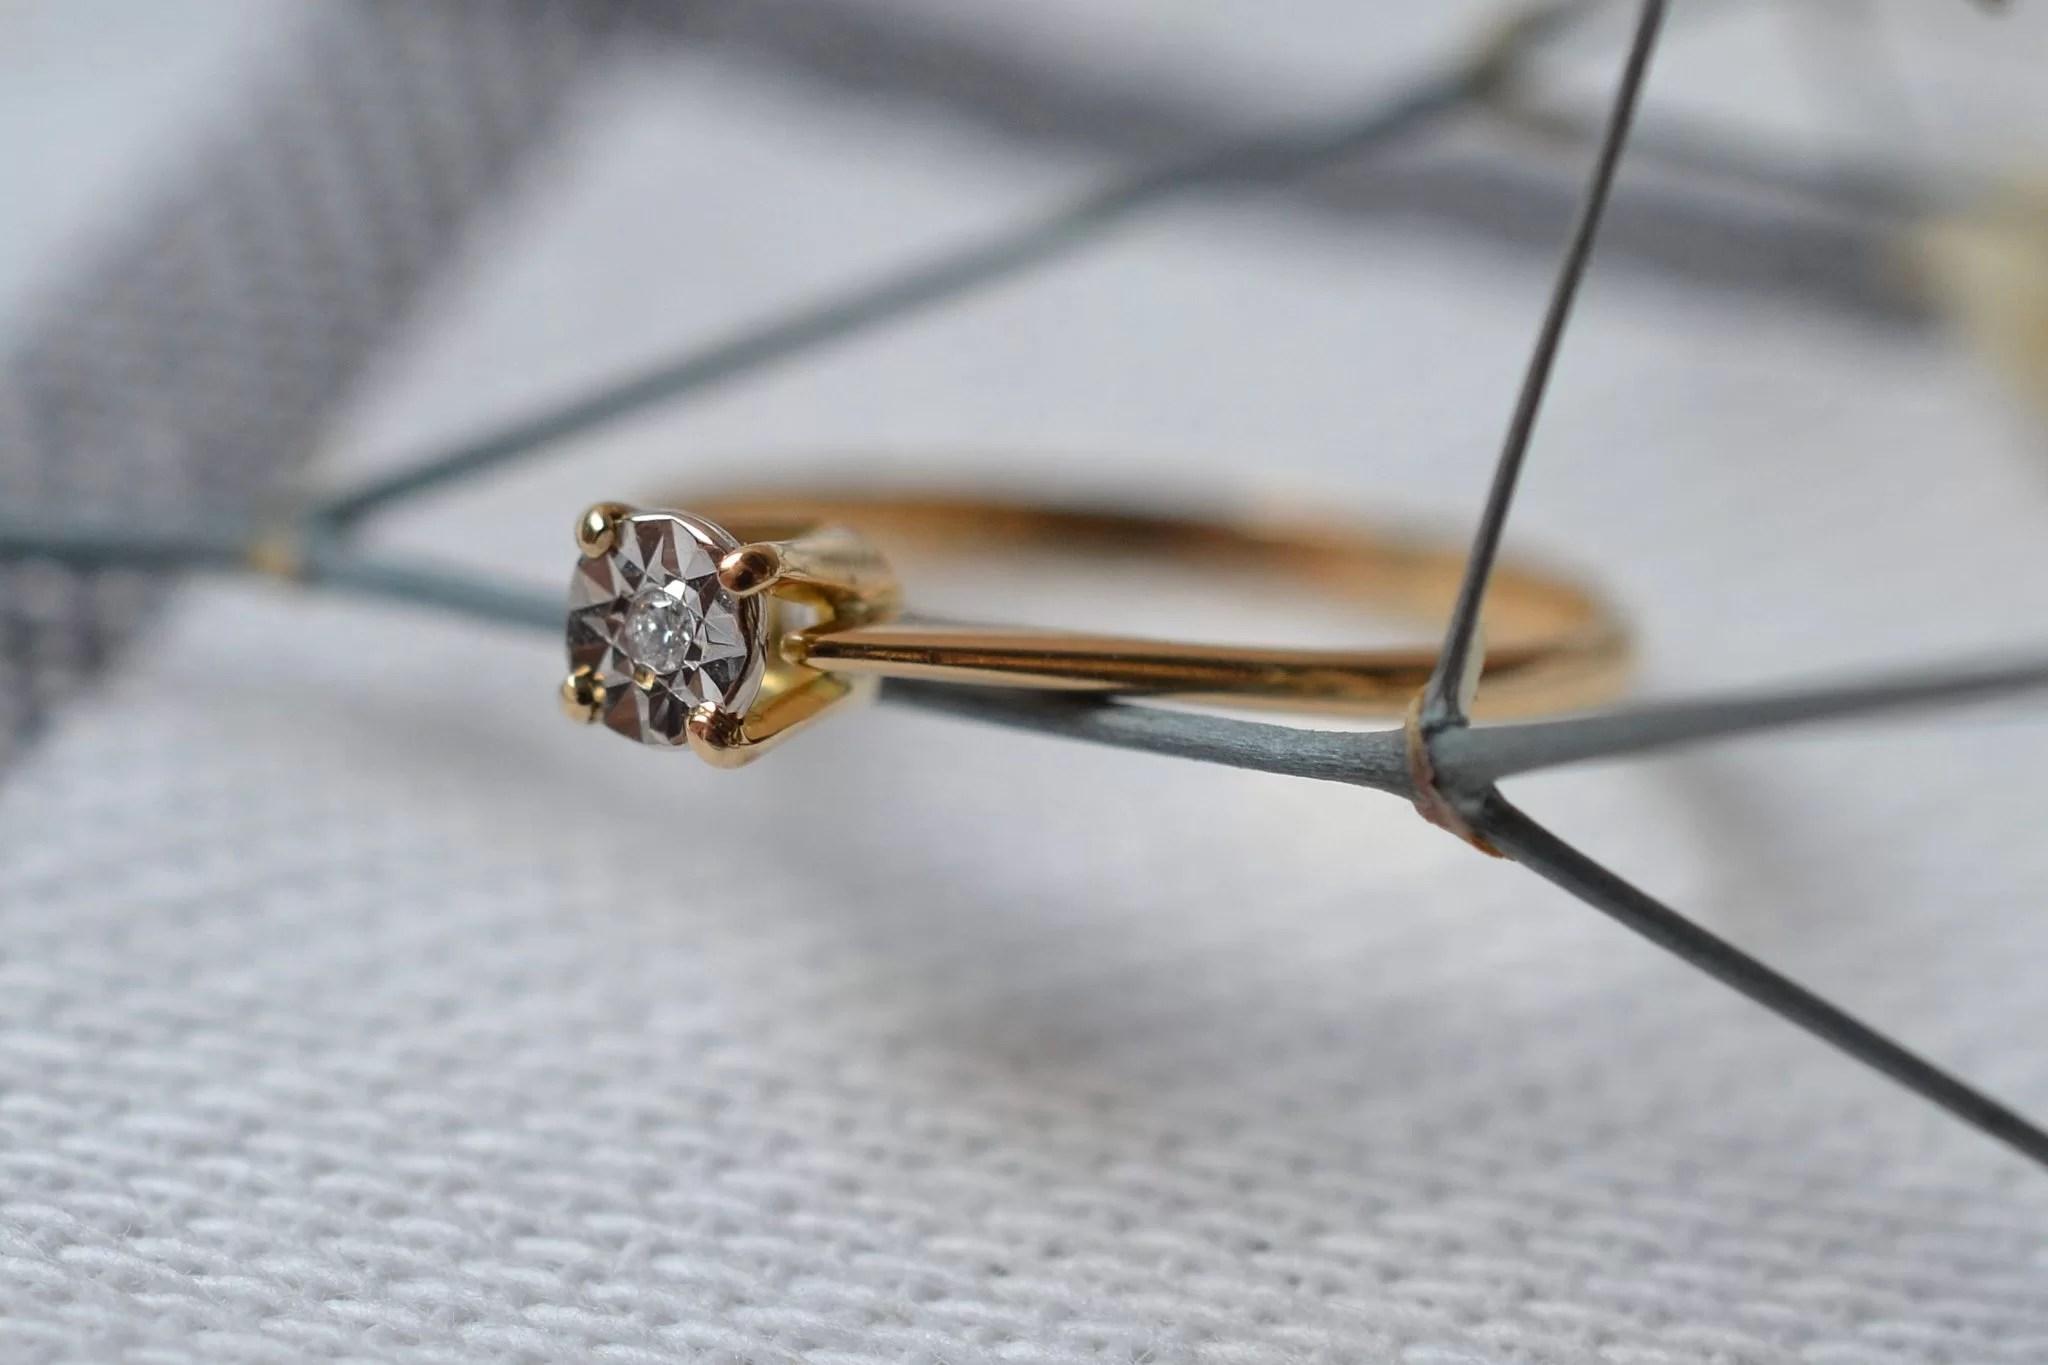 Bague Solitaire En Or Jaune Sertie D_un Diamant - Bague Rétro